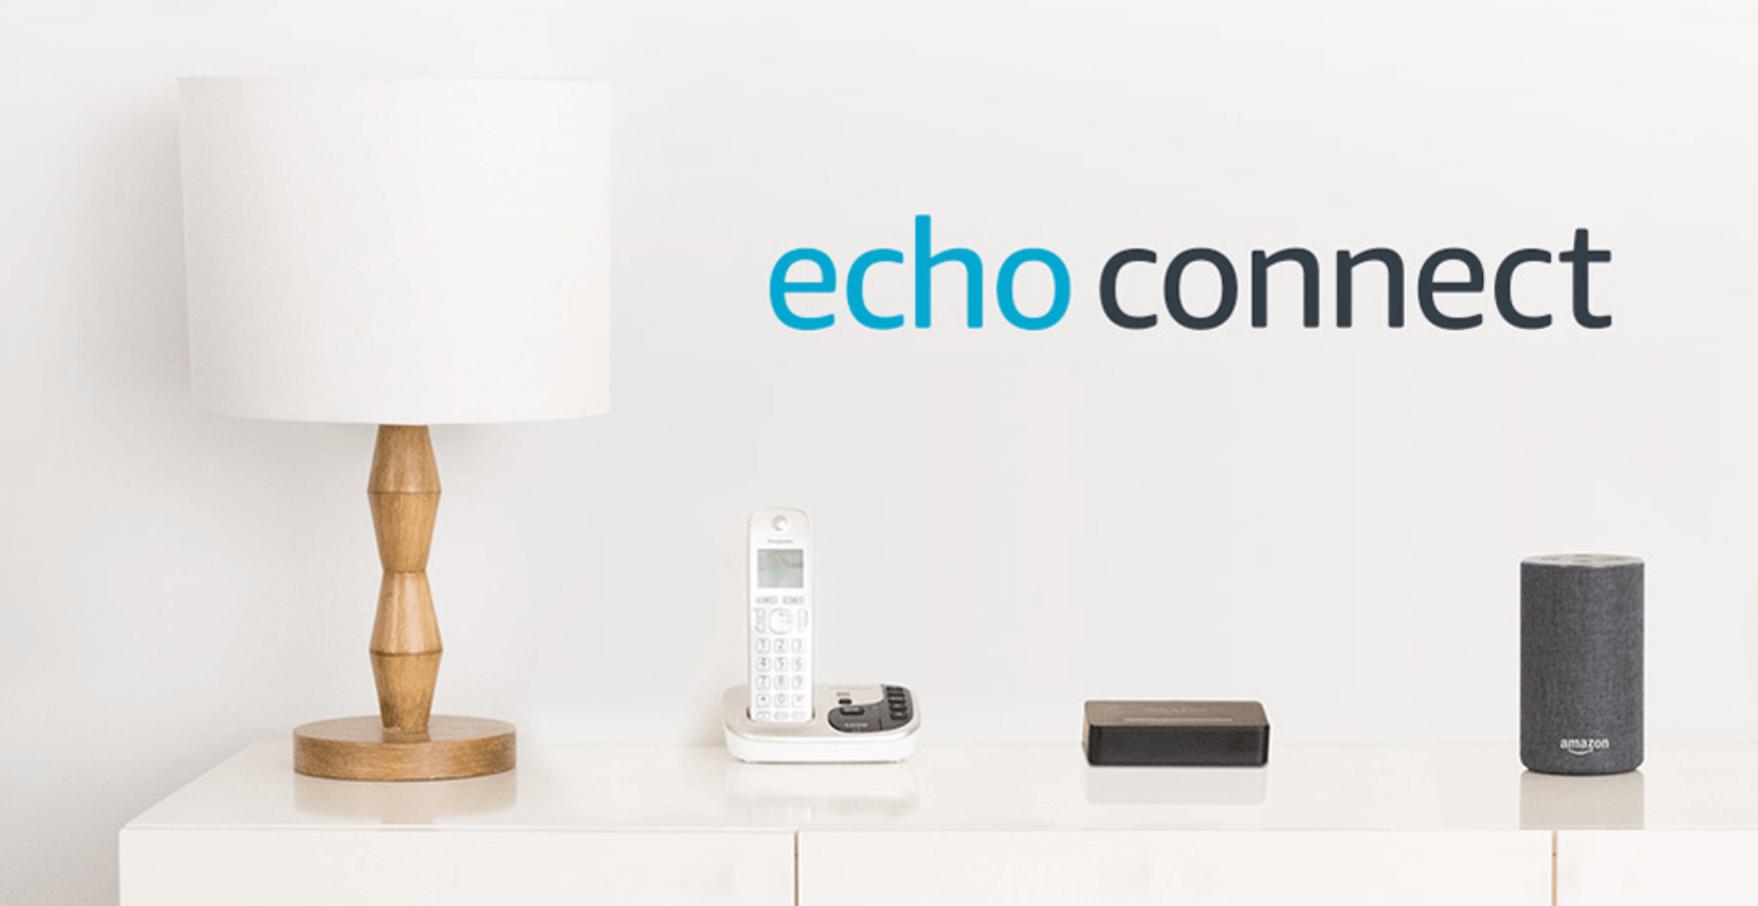 amazon-echo-connect-alexa-calling-update